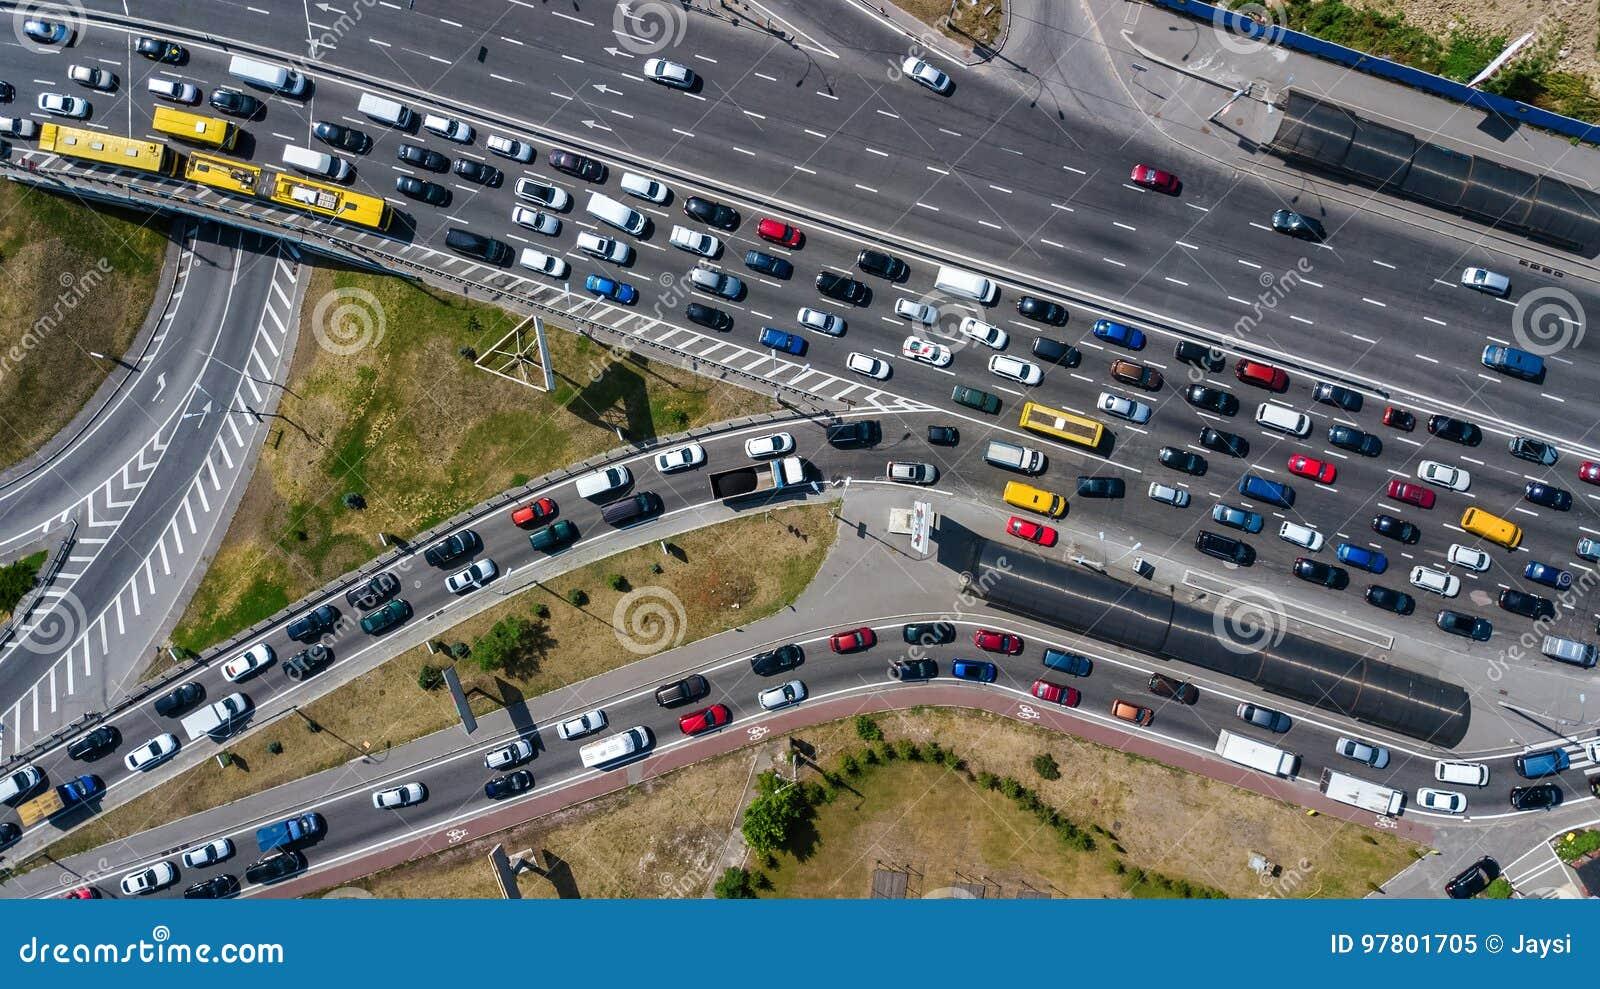 Vue sup rieure a rienne de jonction de route d 39 en haut de trafic d 39 automobile et de confiture - Voiture vue de haut ...